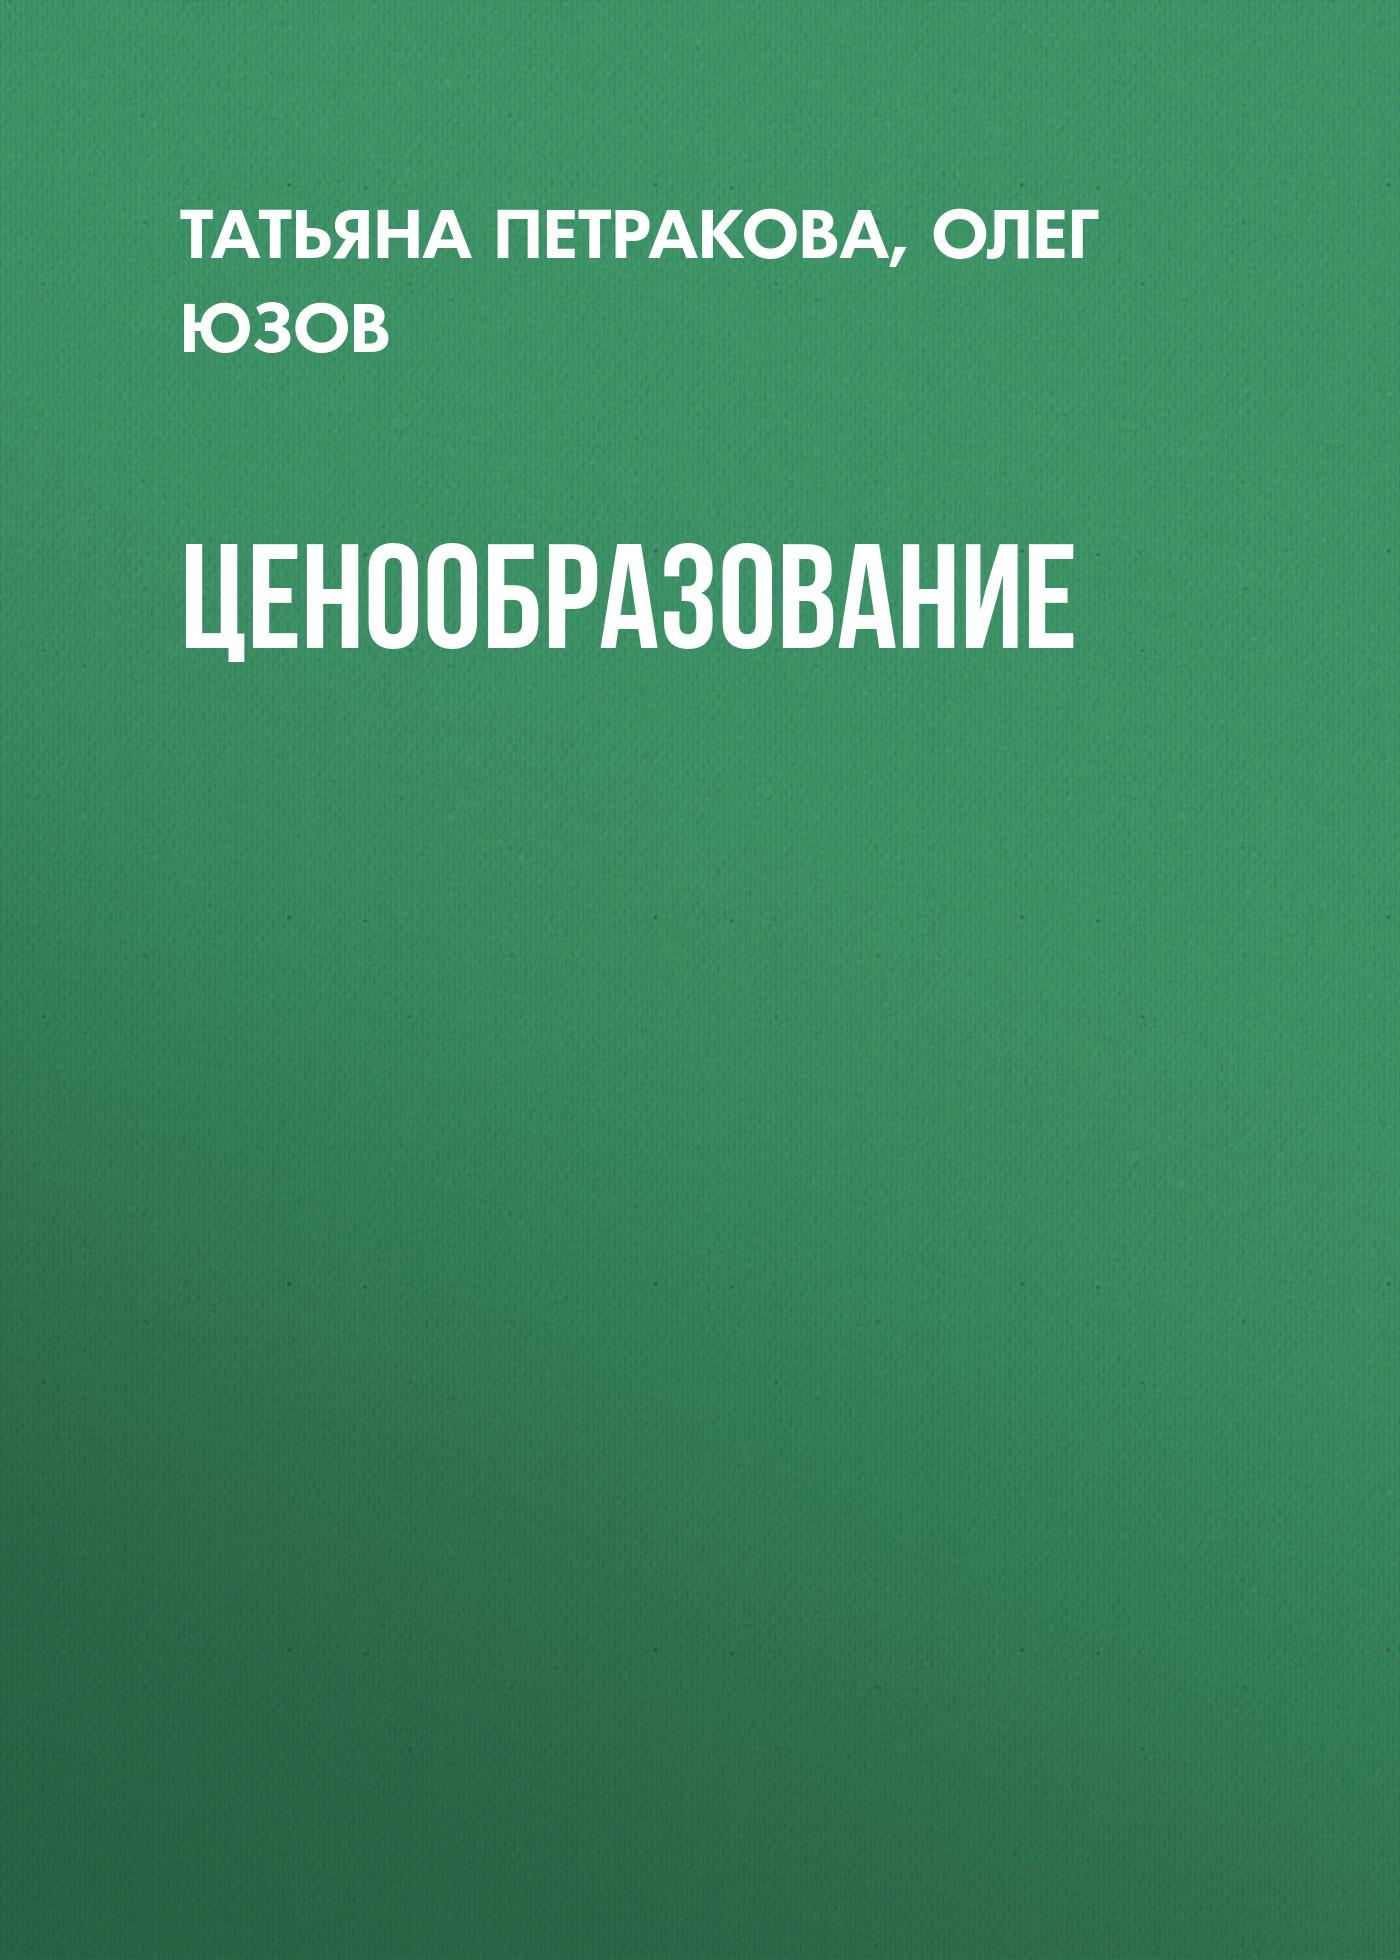 Олег Юзов Ценообразование о в польдин факторы формирования дружеских связей студентов